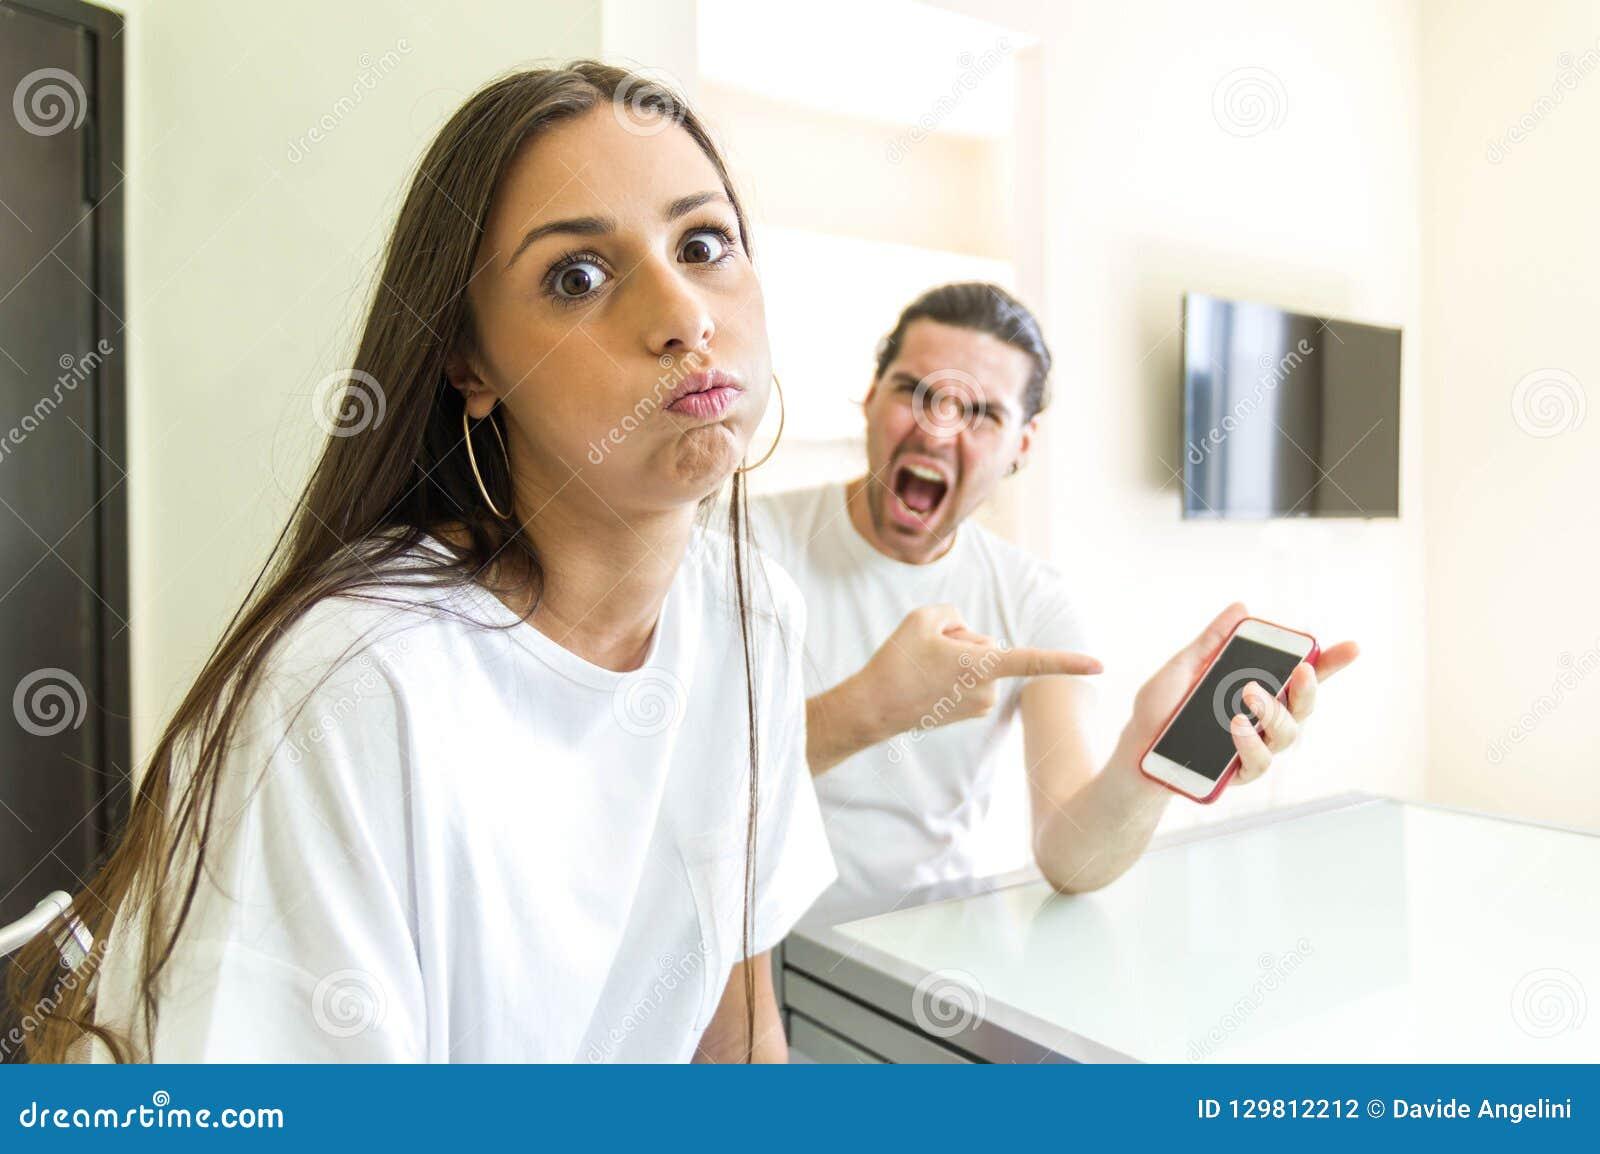 Stresujący kobieta bój z chłopakiem patrzeje kamerę